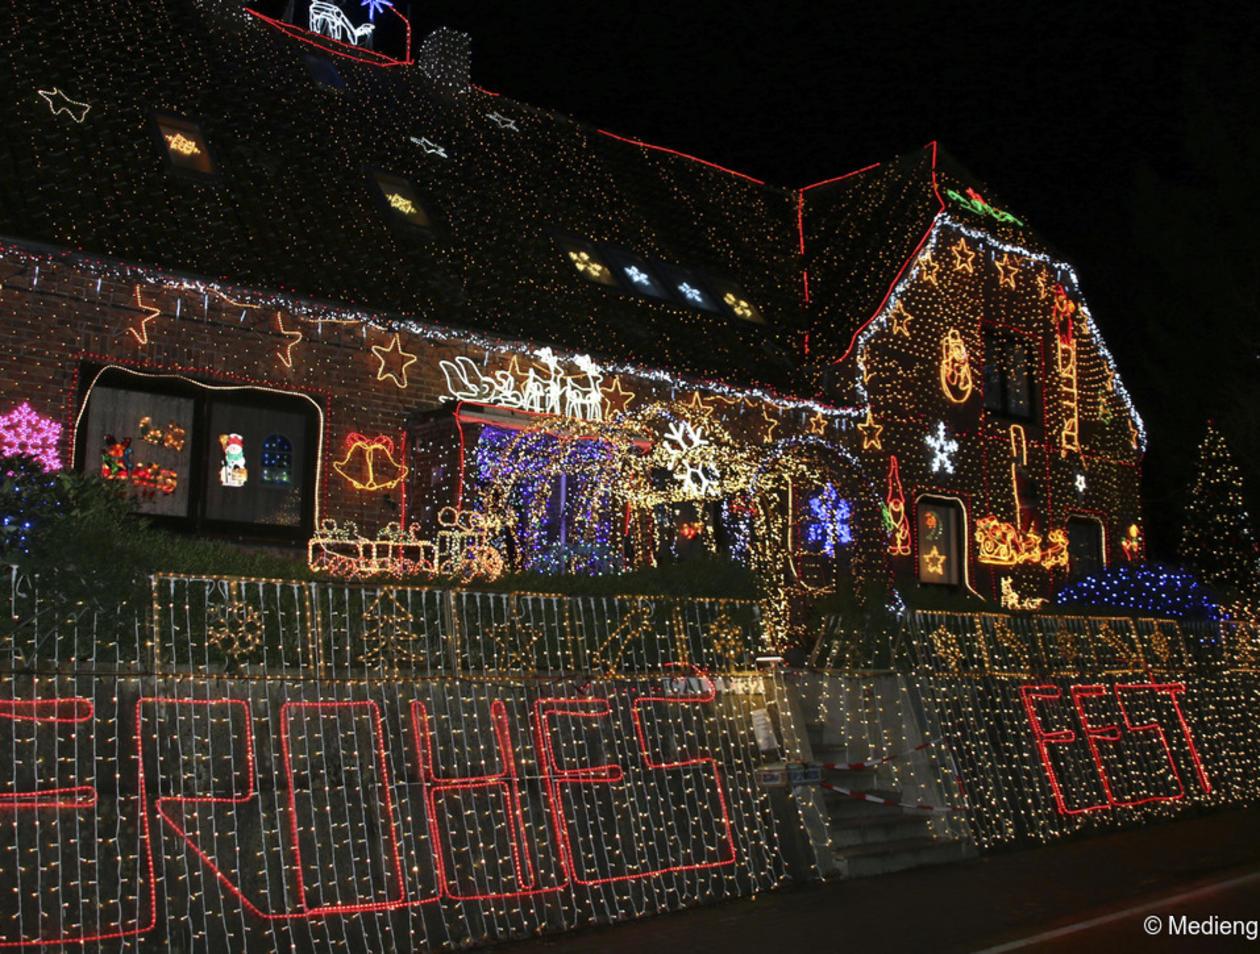 Kalle Niedersachsen Weihnachtsbeleuchtung.Weihnachtshaus Calle Neues Und Altbewährtes Nienburg